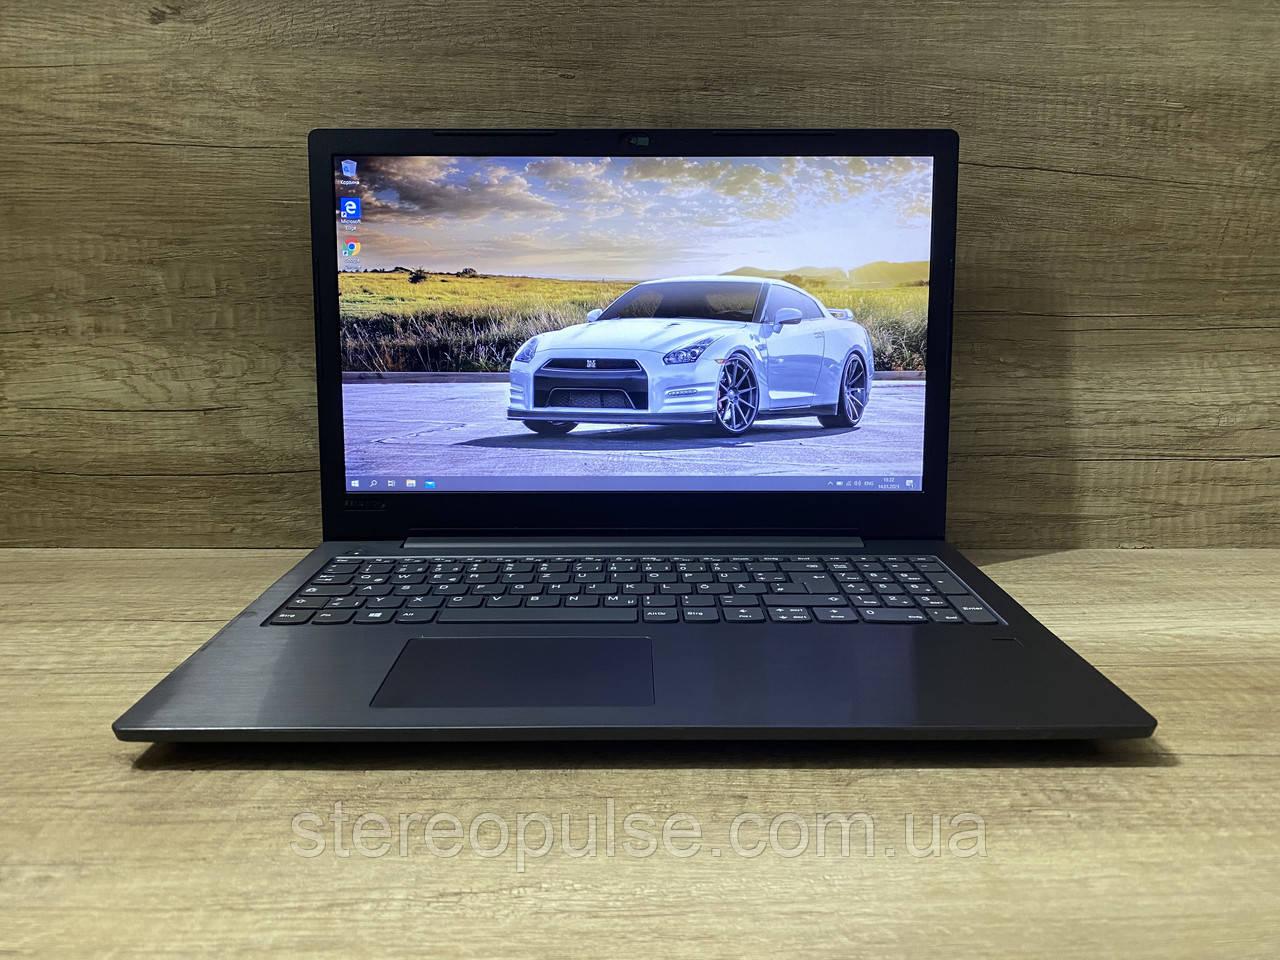 """Ноутбук Lenovo V330-15IKB (15"""" Full HD, i7-7500U, 8Gb DDR4, 120Gb SSD)"""